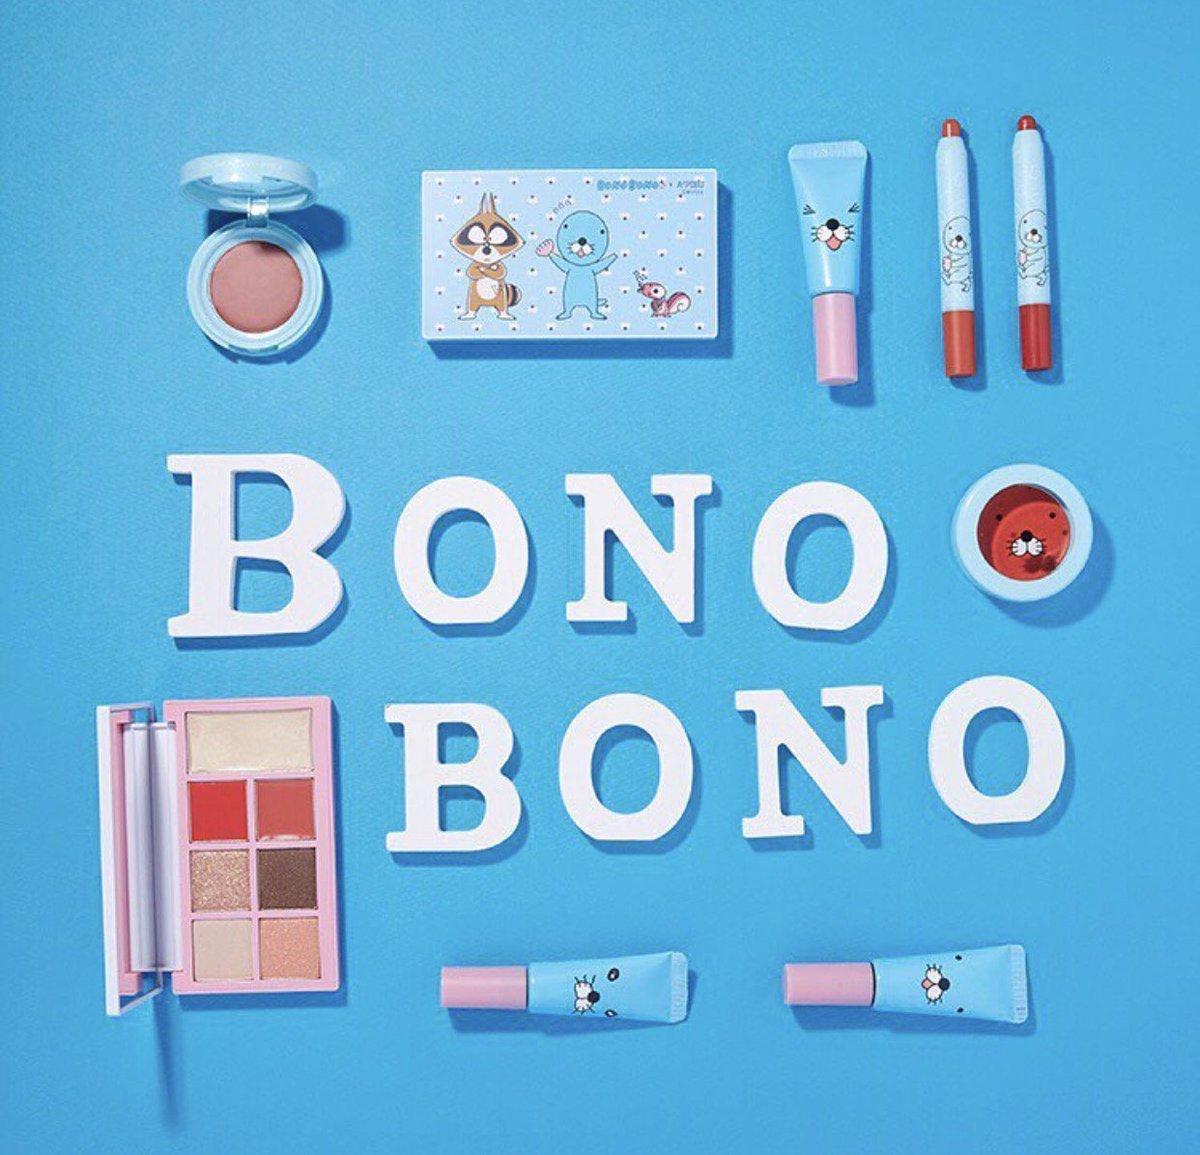 📢新商品のご案内💖【#APIEU × #BONOBONO コラボシリーズ各種】お取り扱い開始です😊🙌💙ご注文はこちらから